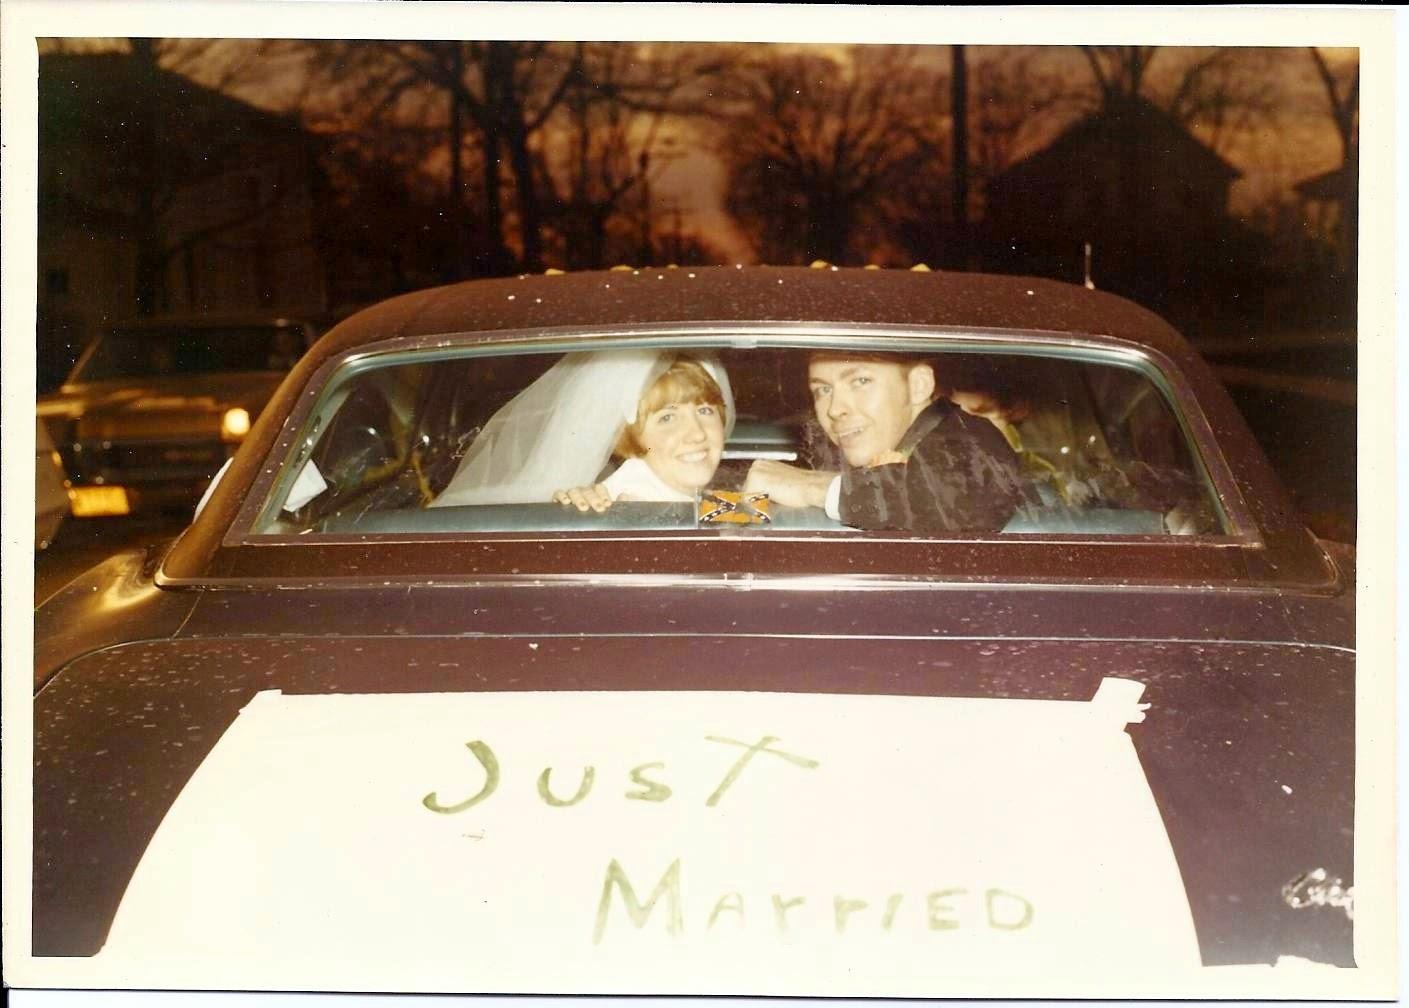 November 22, 1969